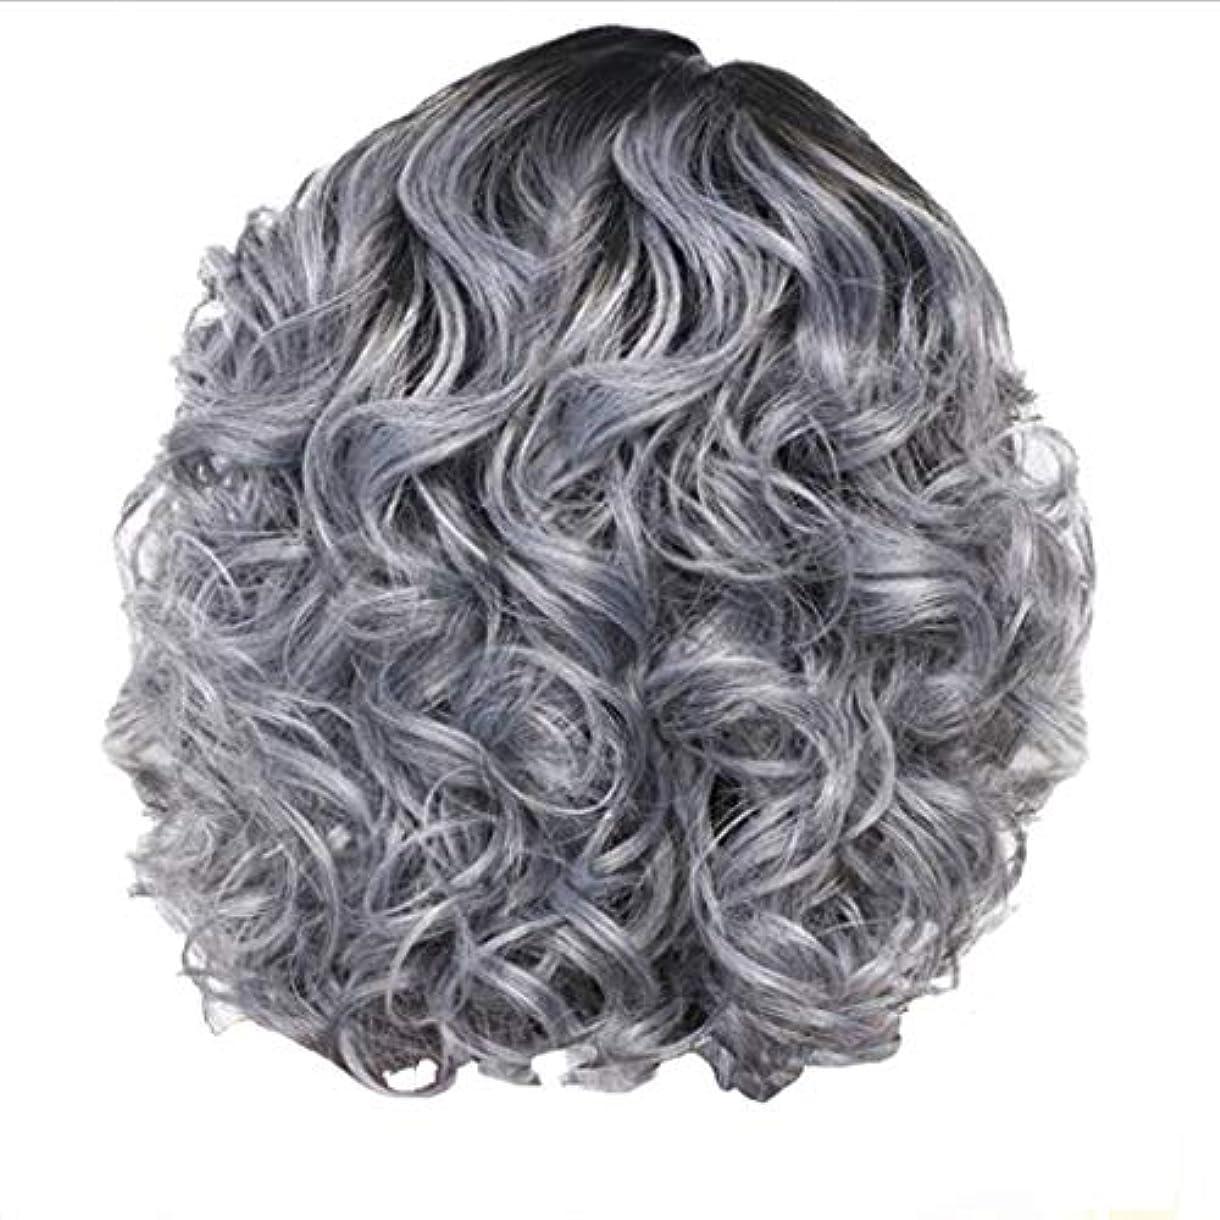 シャッター鰐マーカーかつら女性の短い巻き毛シルバーグレーレトロ巻き毛ネット30 cm